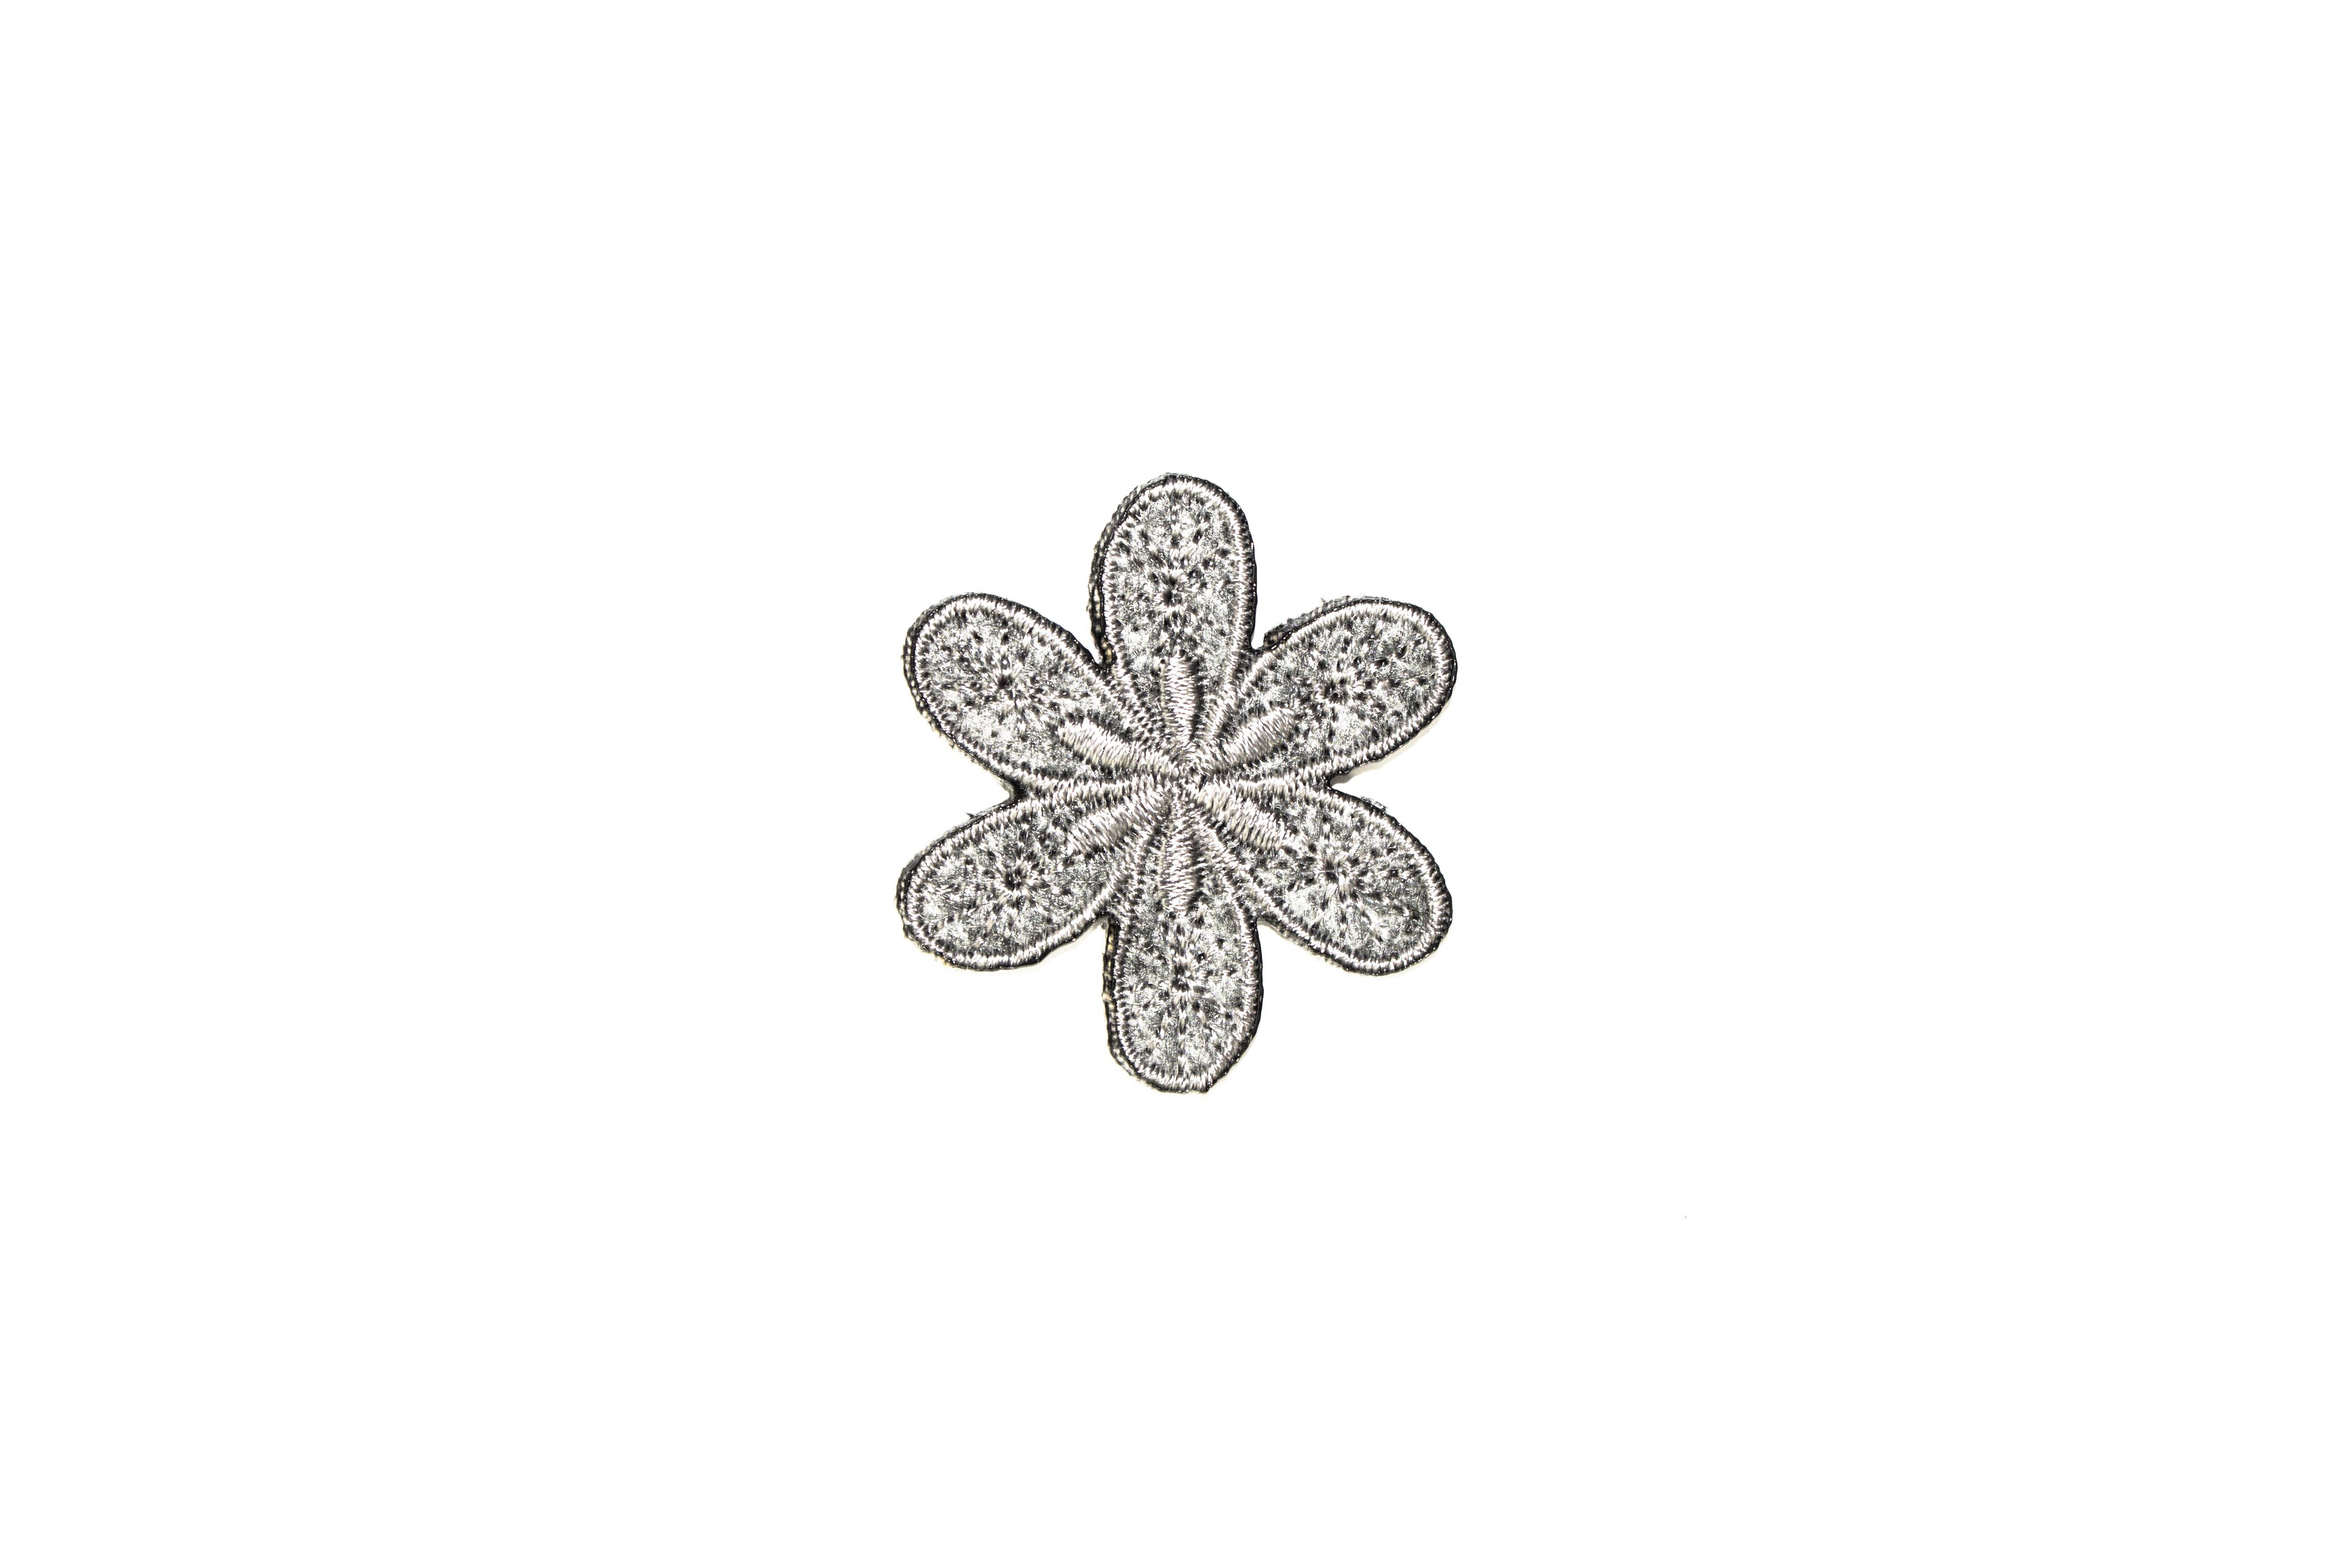 Schnittquelle Schnittmuster Shop - Applikation Blume Silber